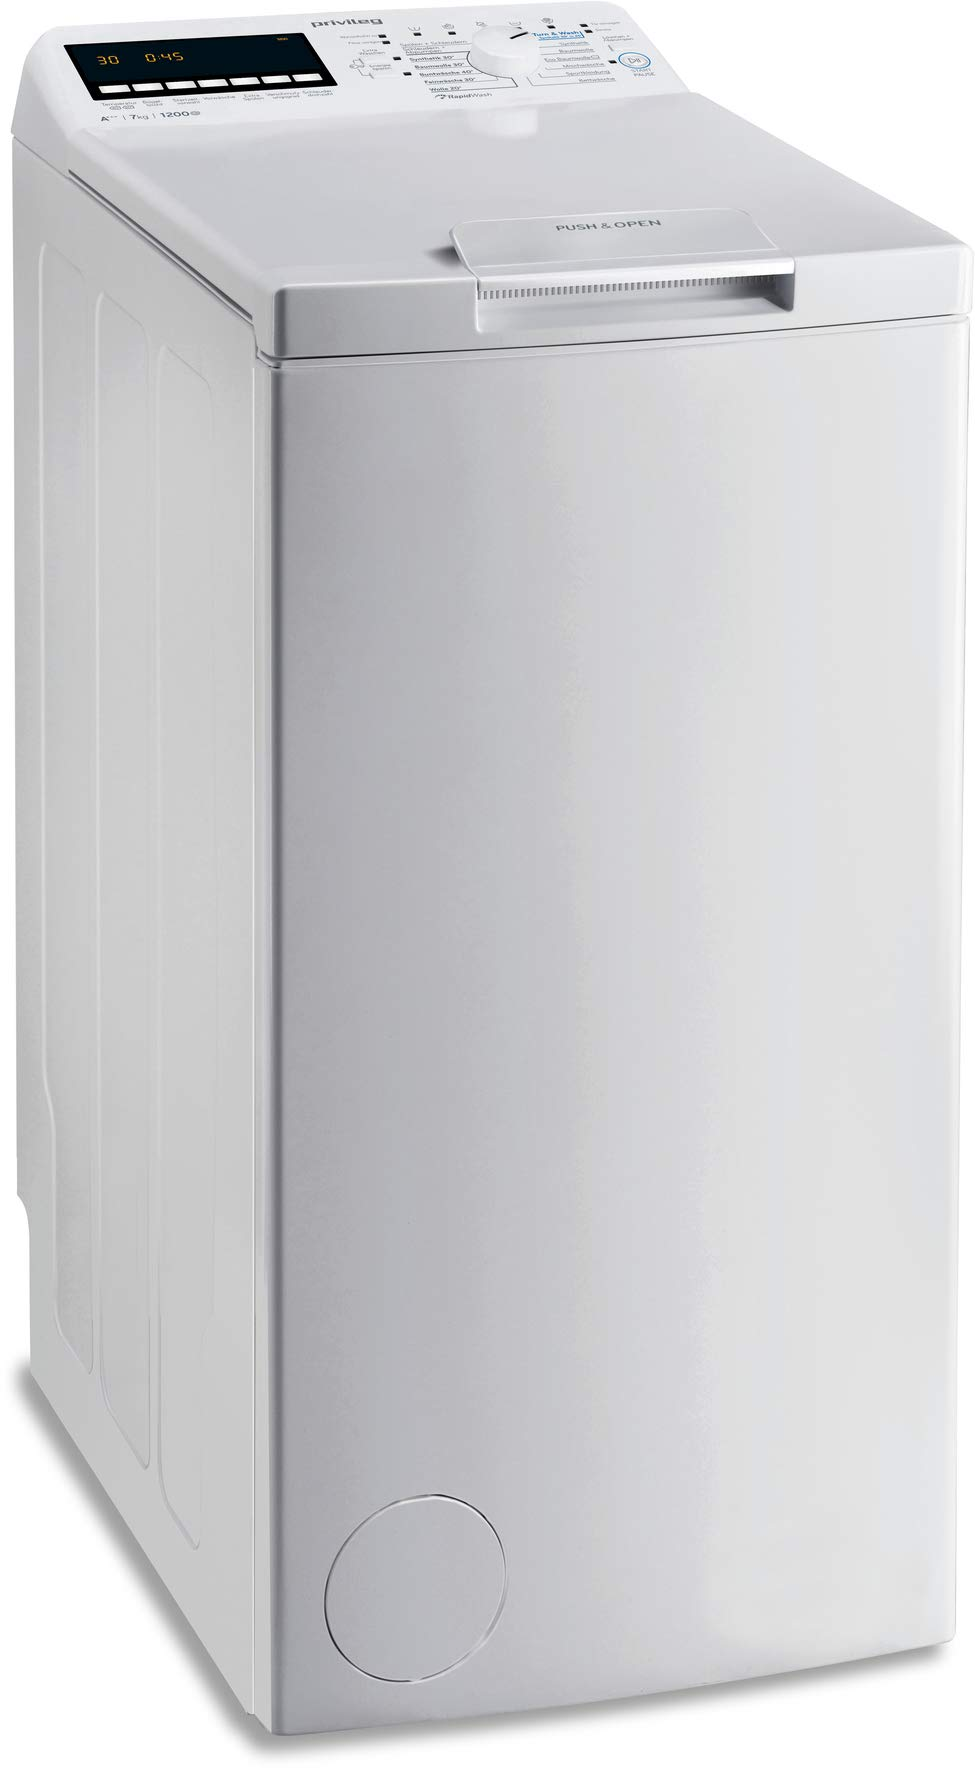 Privileg-PWT-E71253P-DE-Toplader-WaschmaschineA-7-kg-1200-UpMSoft-OpeningDaunenStartzeitvorwahlWolle-ProgrammWasserschutzBgelleicht-OptionKindersicherung